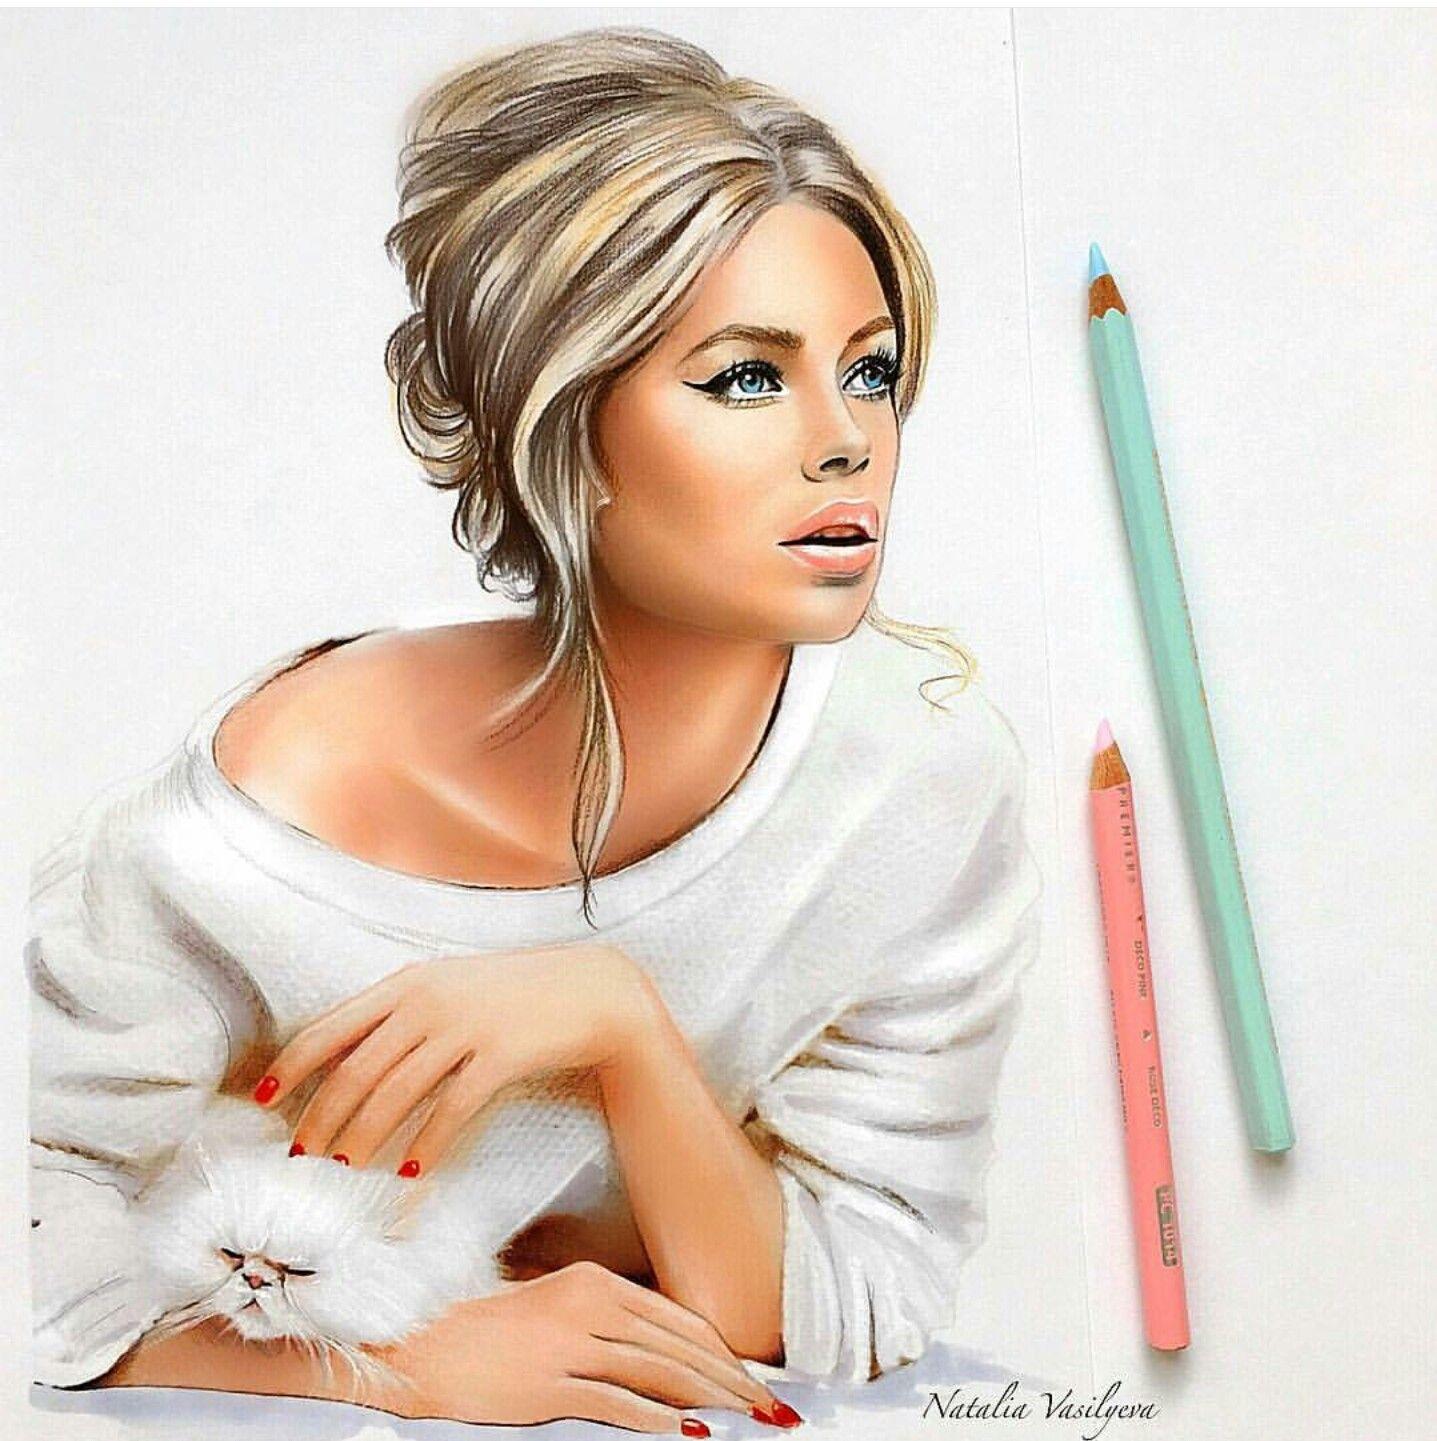 Pingl par lisvet salcie sur fashion ilustration - Jolie fille ado ...